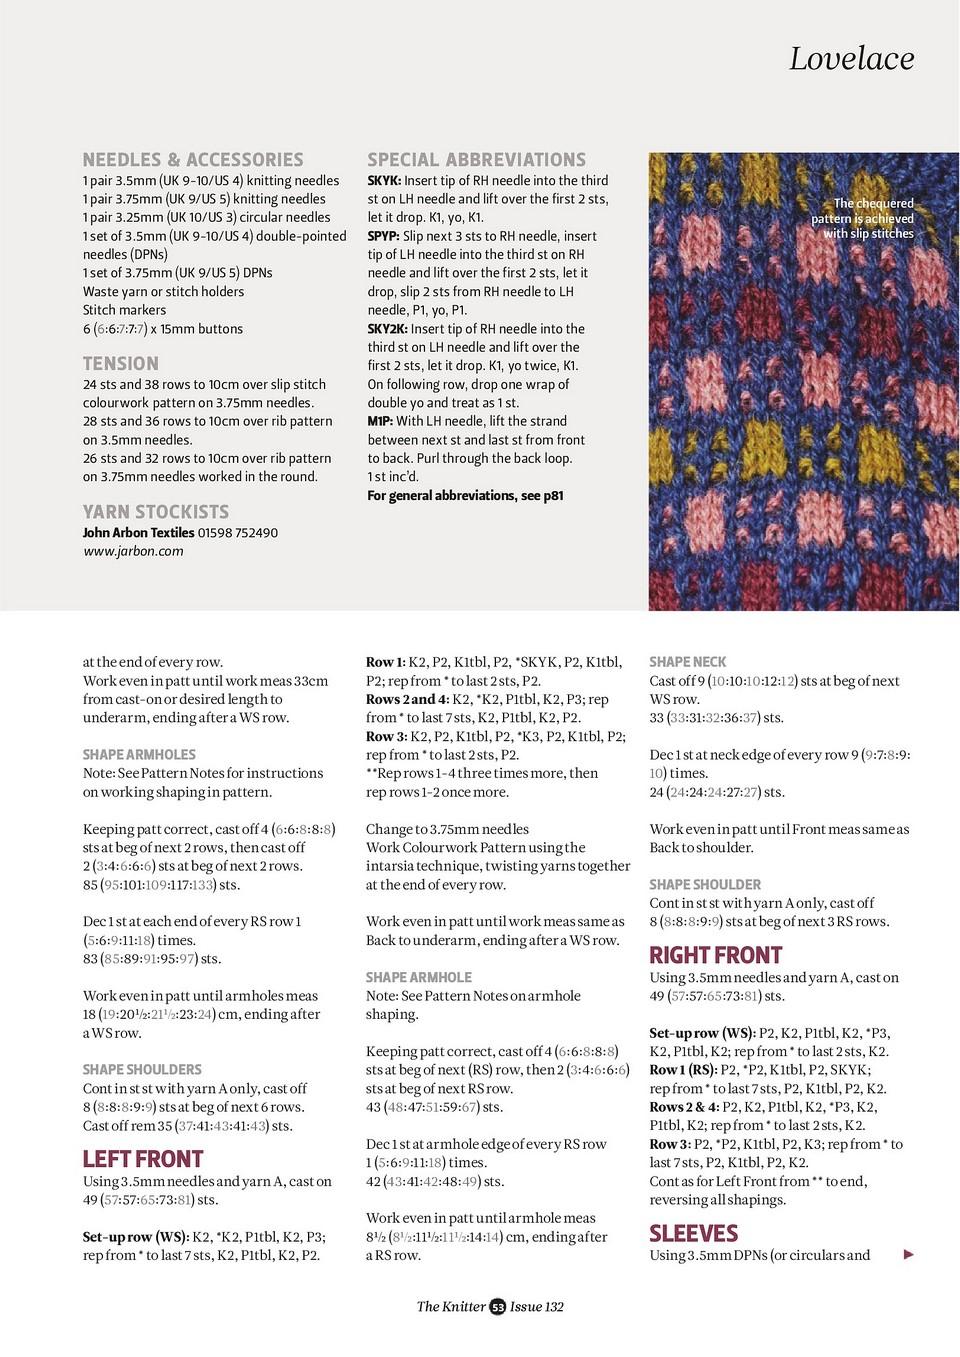 132The-Knitter-054